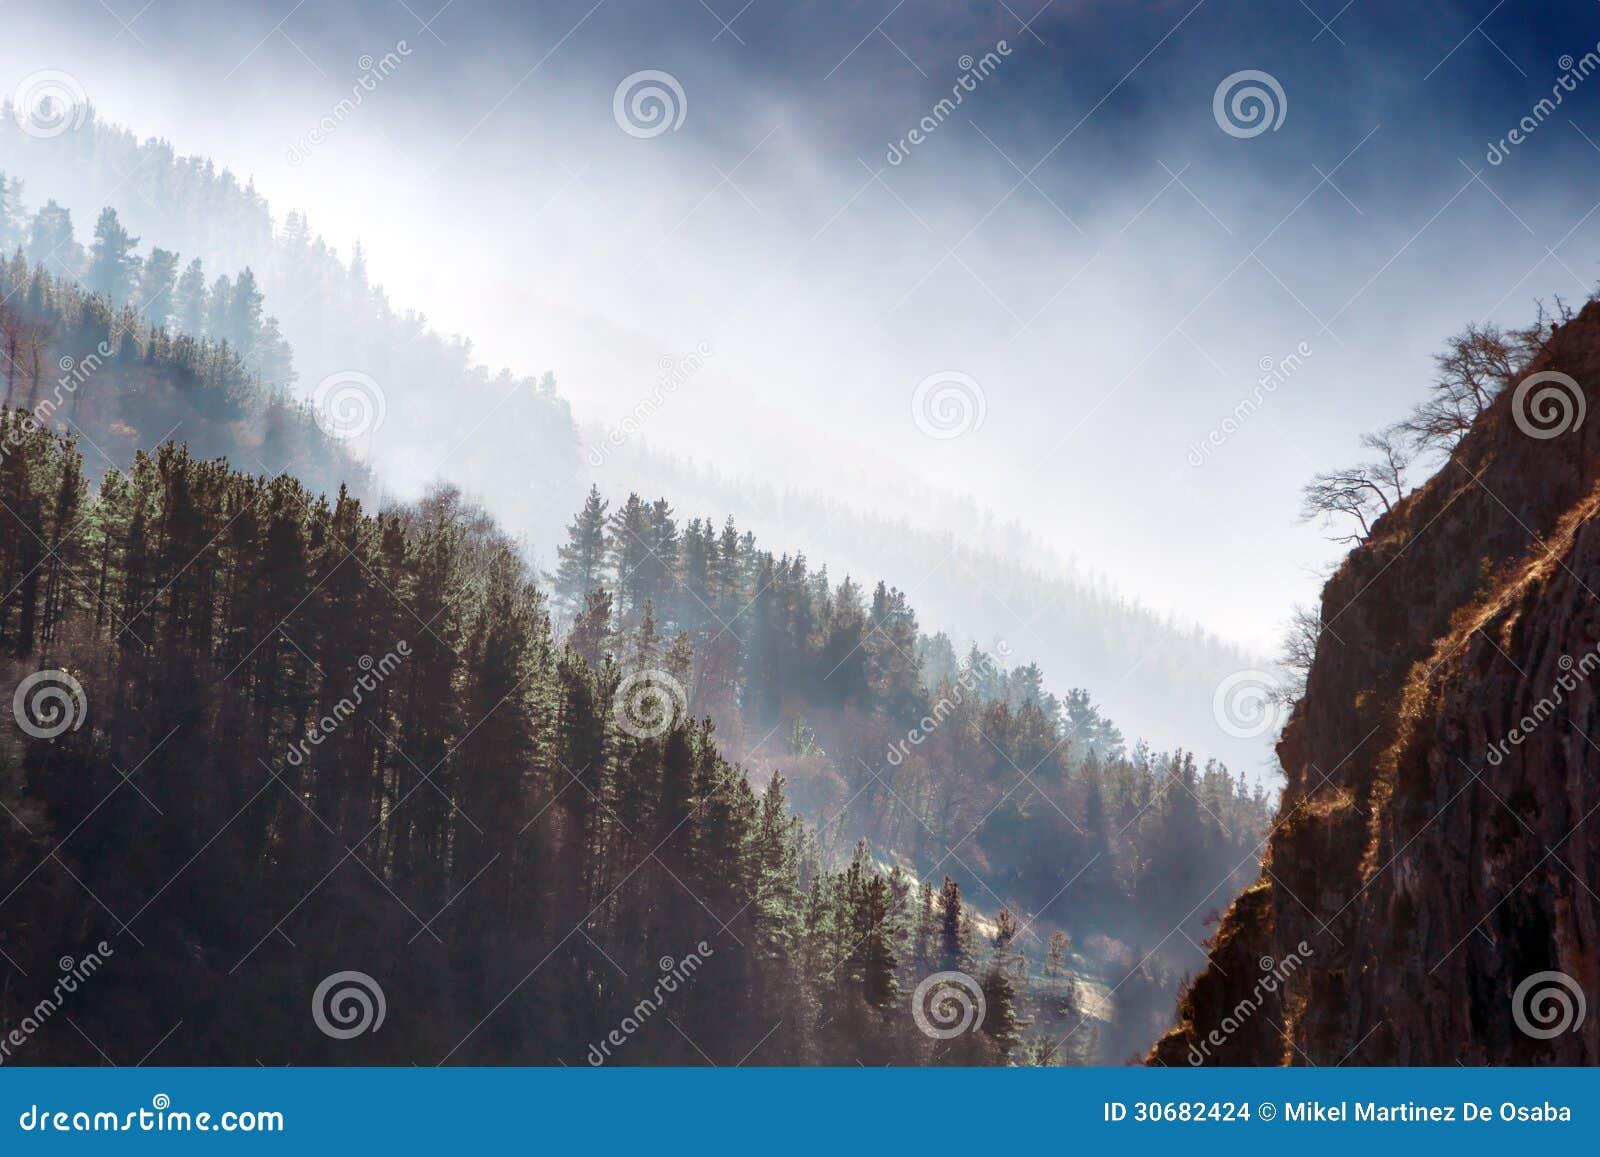 Forêt de pins avec le brouillard